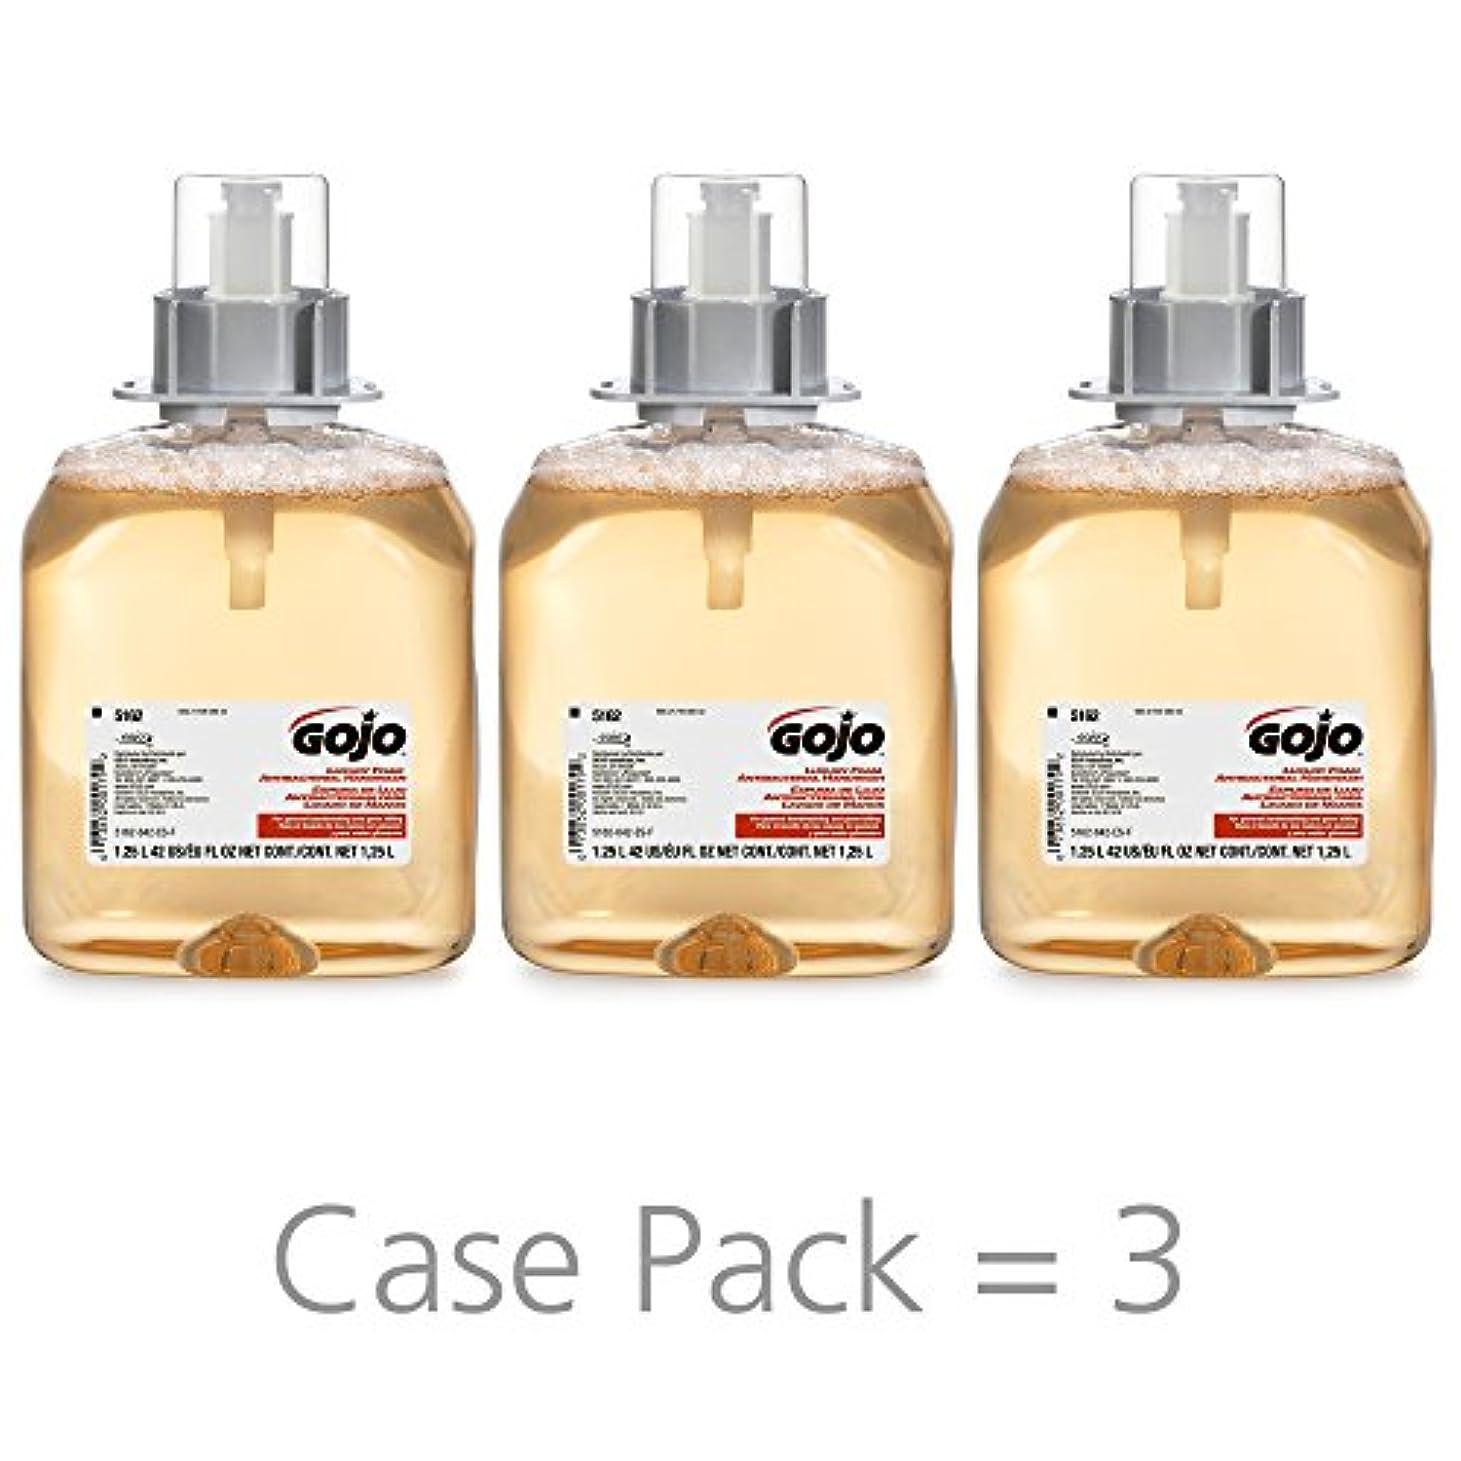 ガムアメリカ換気するGOJO 516203CT FMX-12 Foam Hand Wash, Fresh Fruit, FMX-12 Dispenser, 1250mL Pump, 3/Carton by Gojo